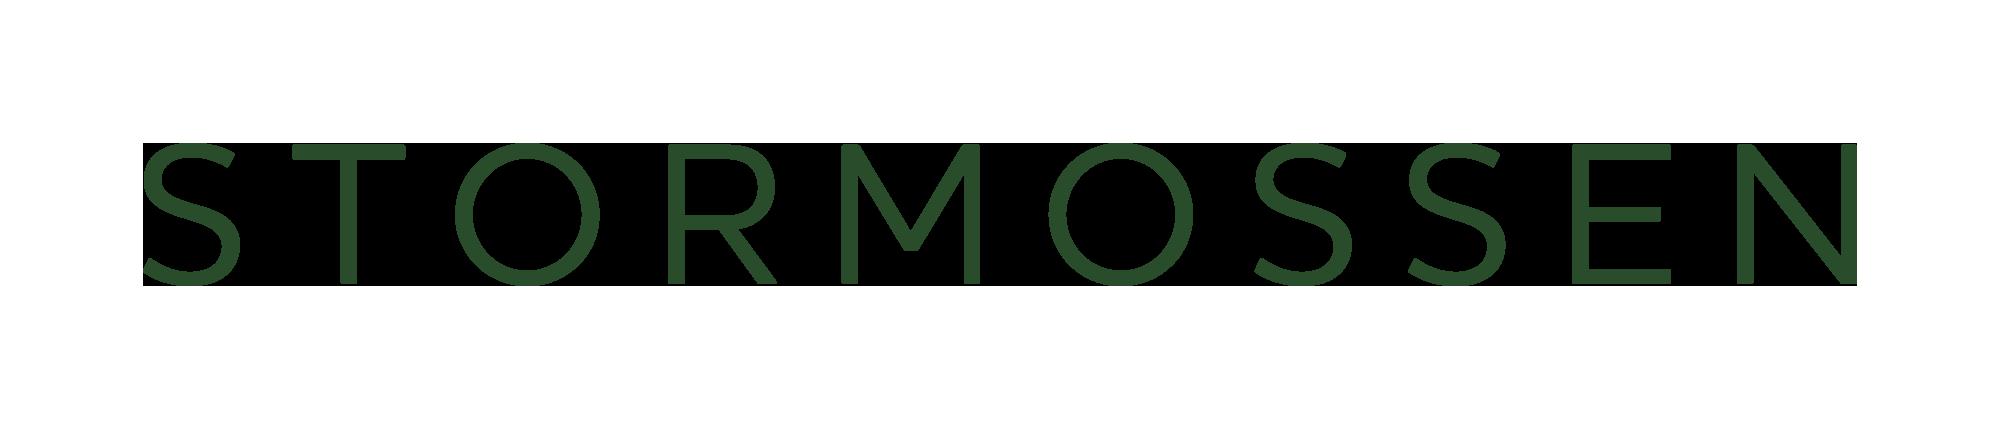 Stormossen's renewed logo